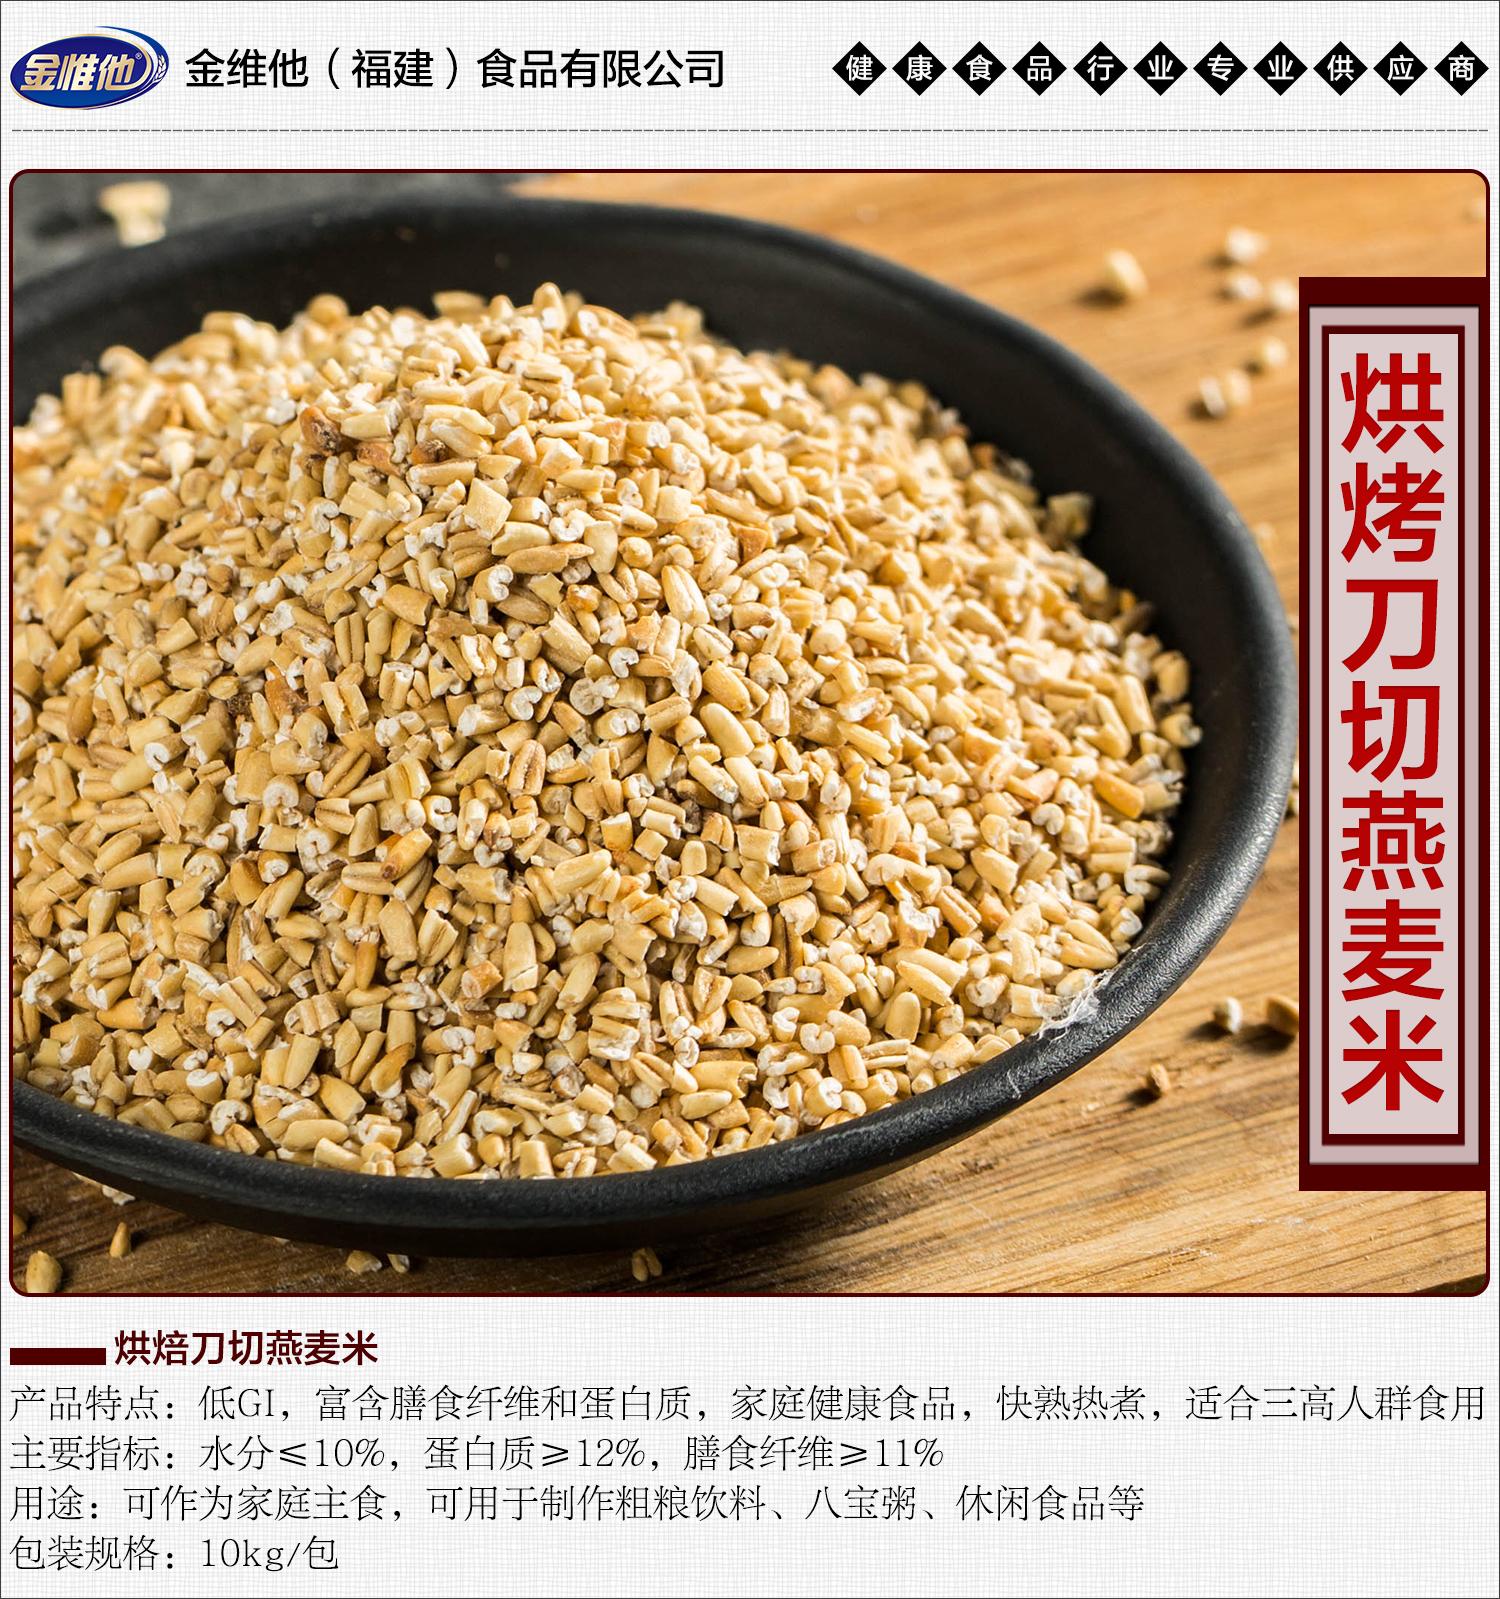 3-刀切燕麦米